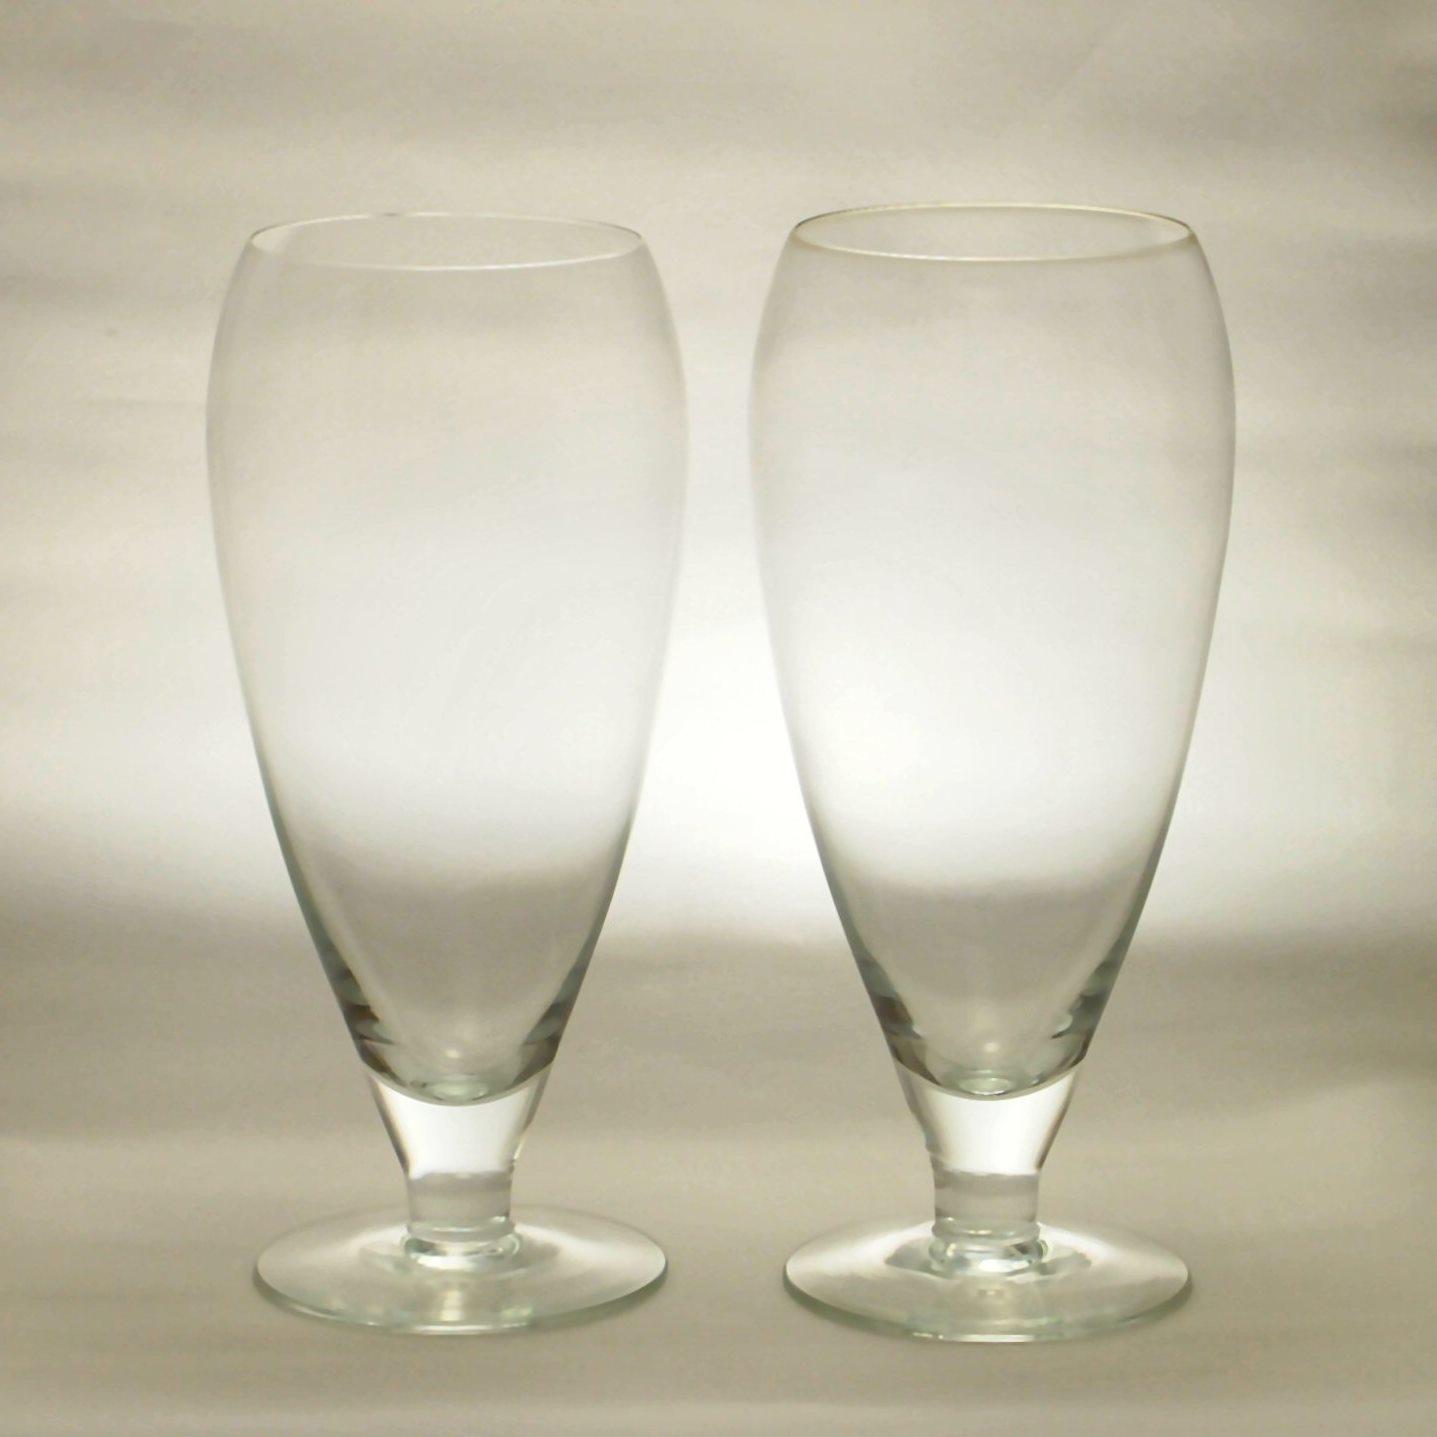 レイミューラー ジョセフィン ビールグラス ペアセット Reijmyre Josephine Beer Glass Paie Set